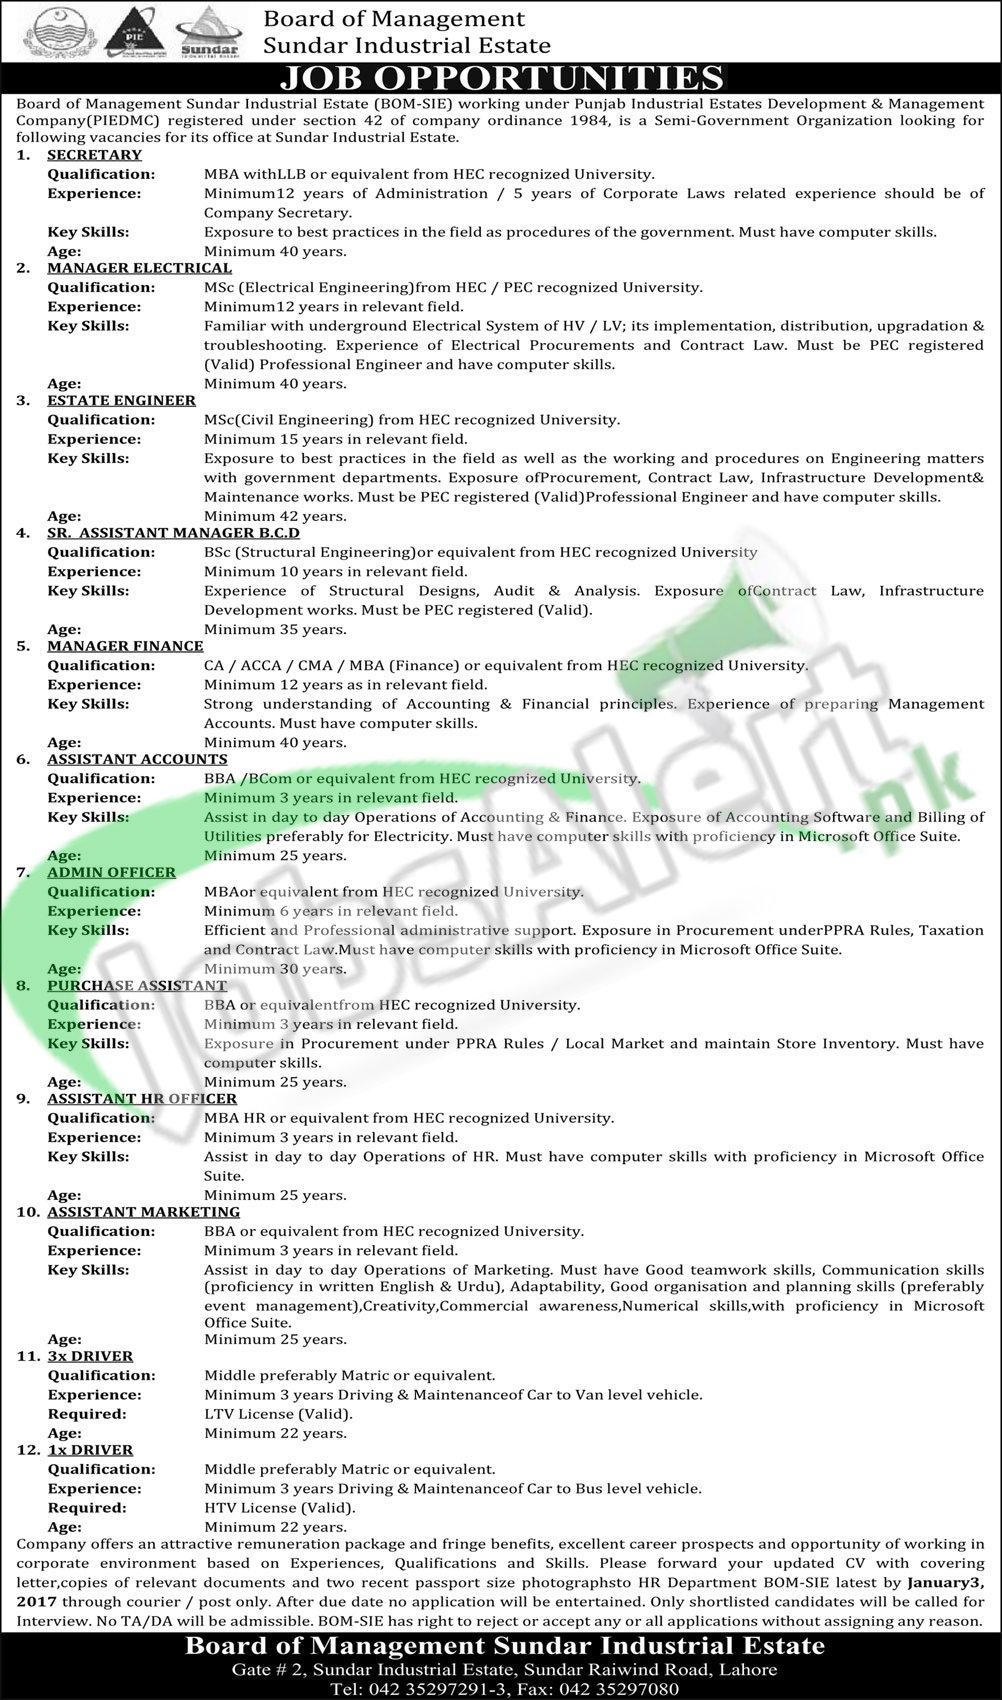 Board of Mangement Sundar Industrial Estate